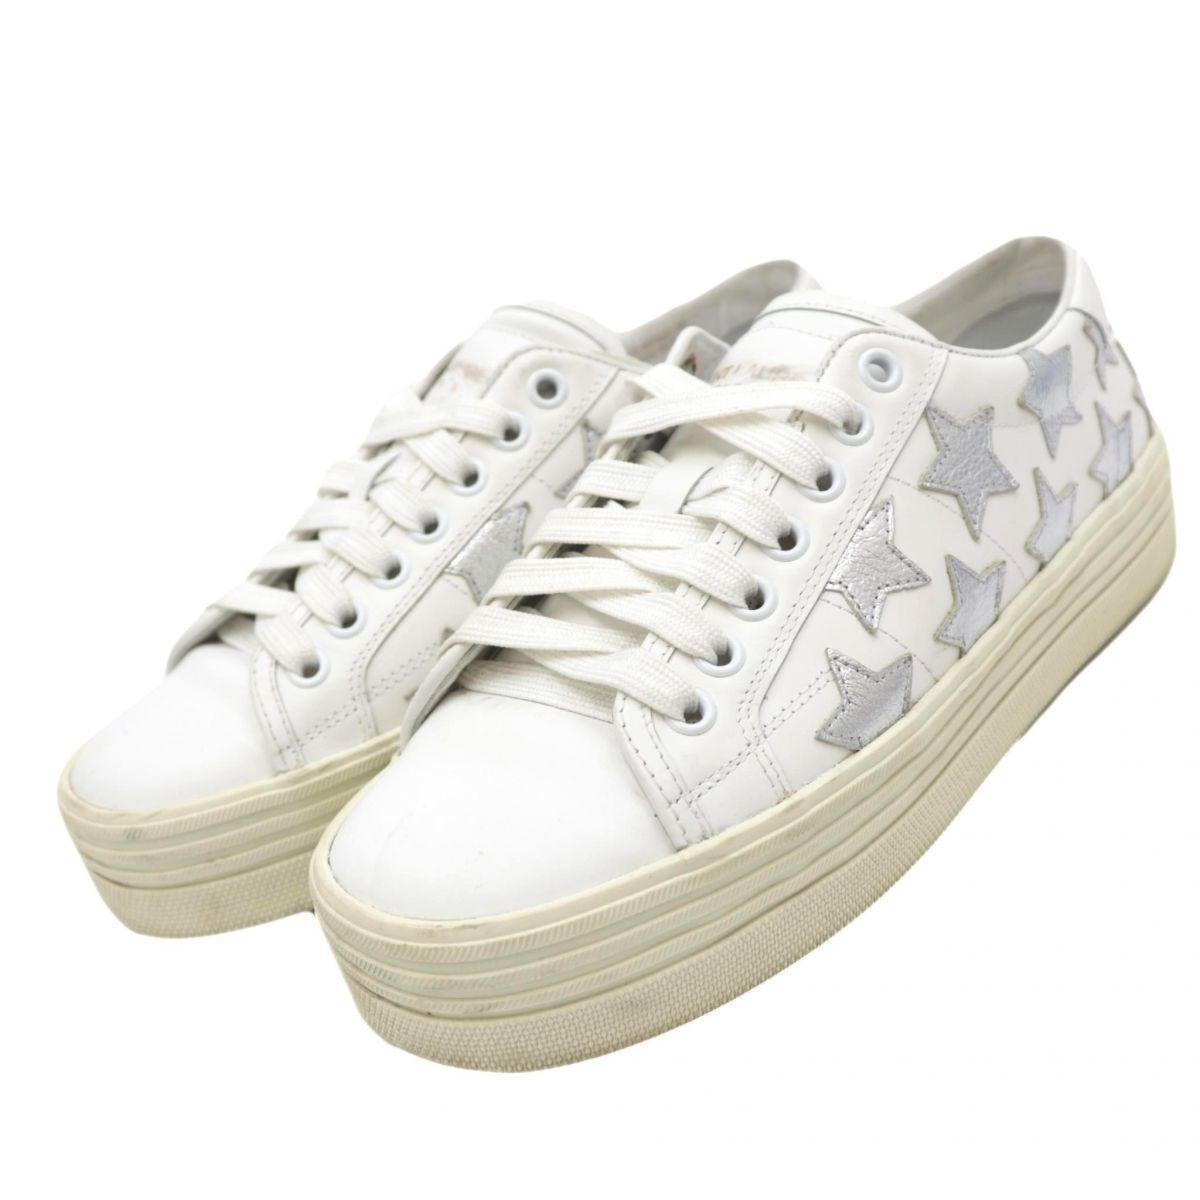 Saint Laurent Paris Star Leather Low Cut Sneakers Women's White 36 Pattern Platform